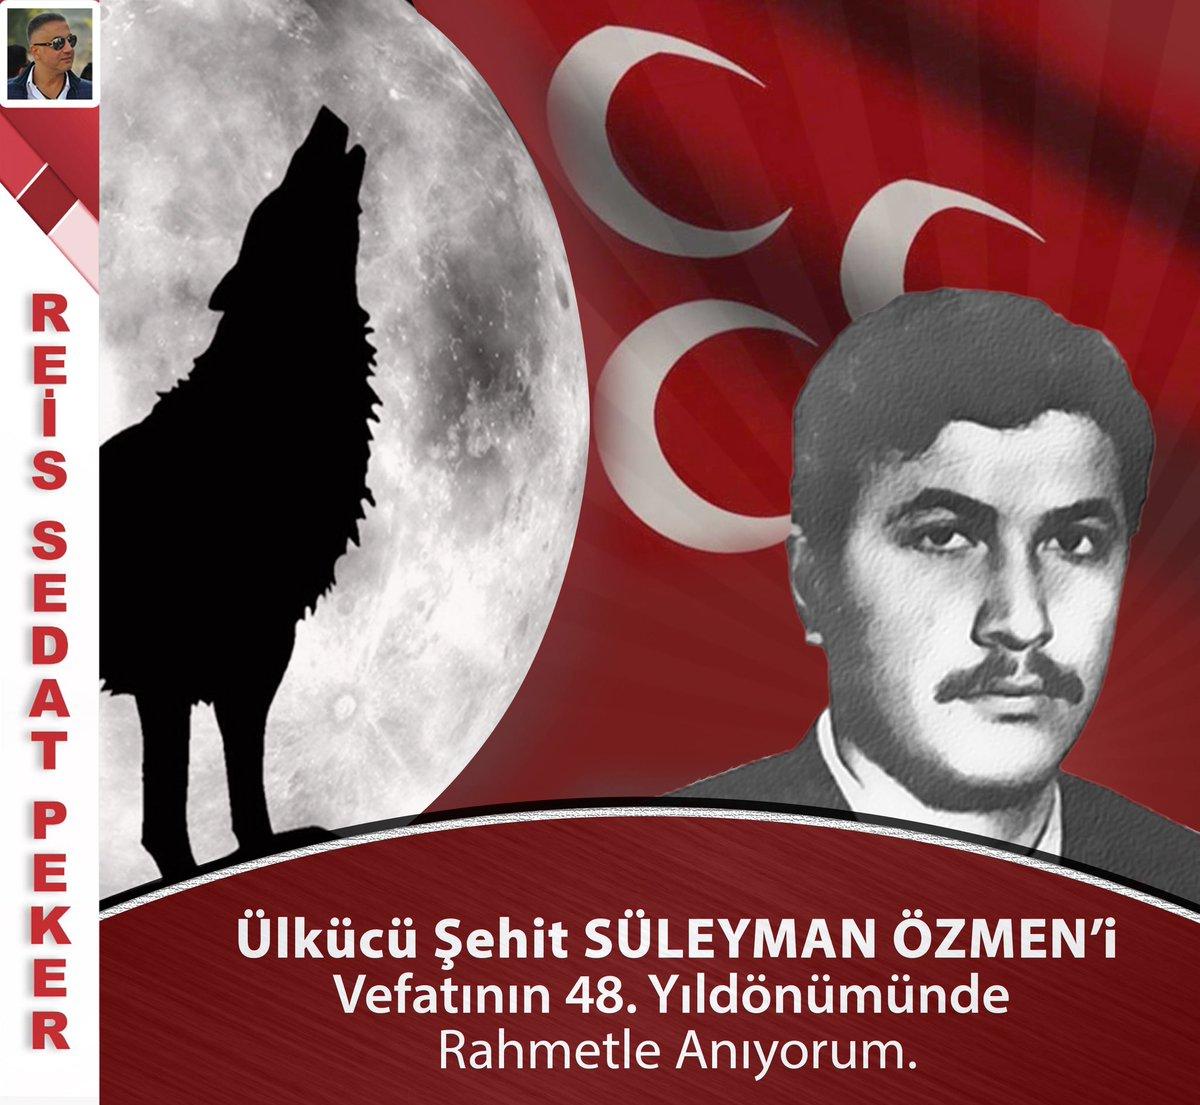 Ülkücü Şehit SÜLEYMAN ÖZMEN'i Vefatının...